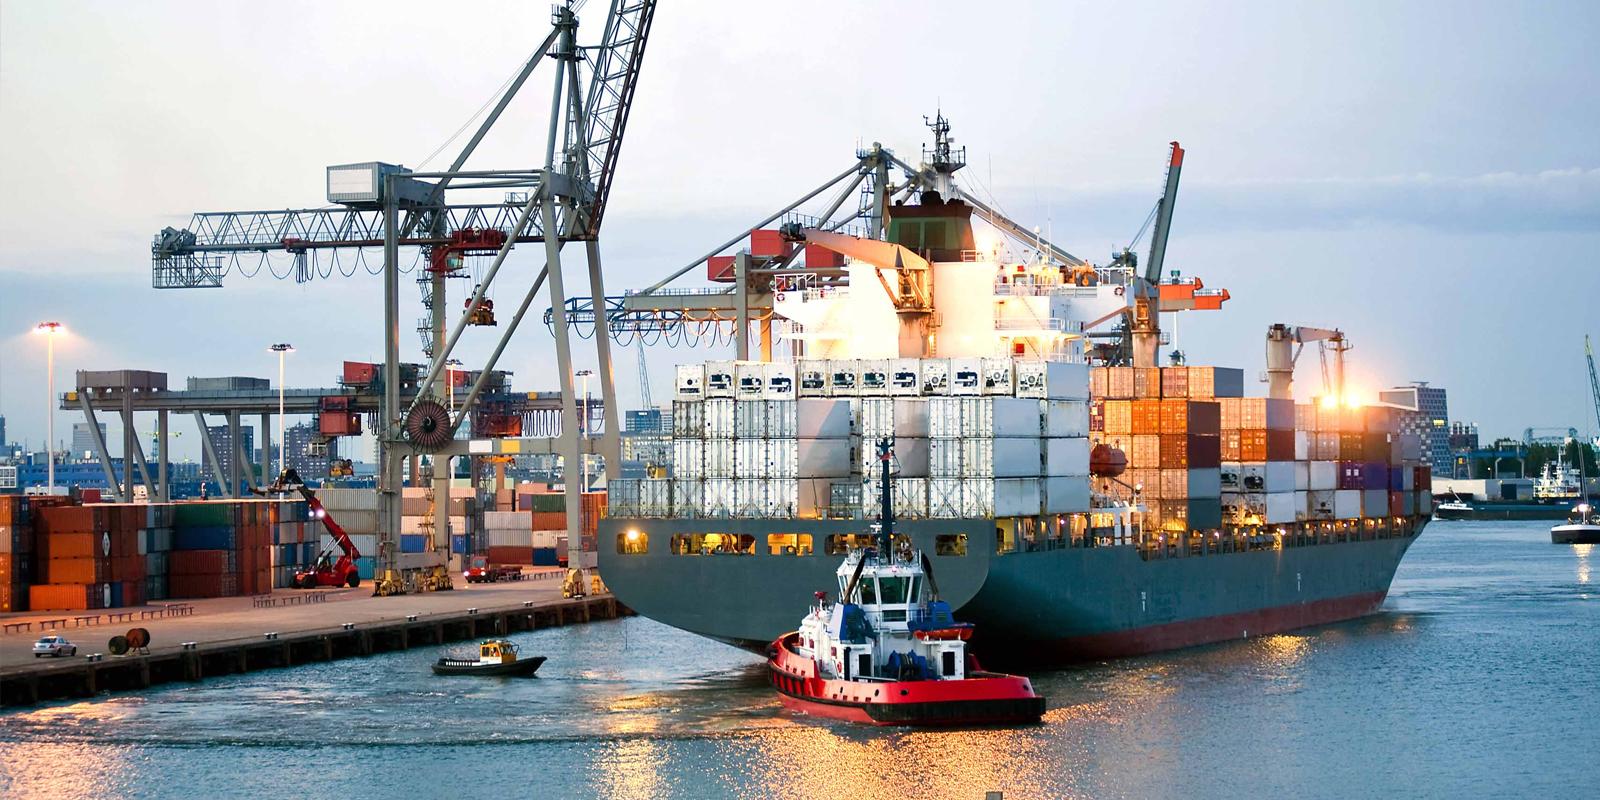 Adeguamento alle normative estere